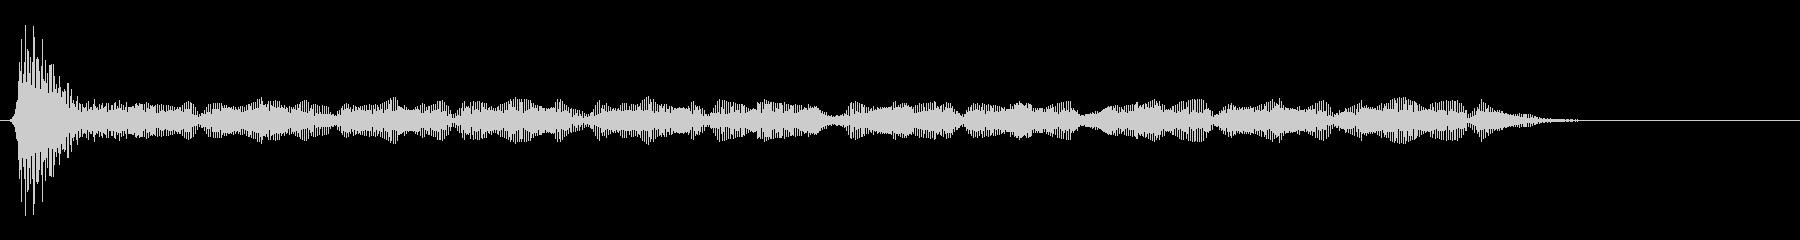 「ウォンッ」「ゥィー…」(シールド起動)の未再生の波形